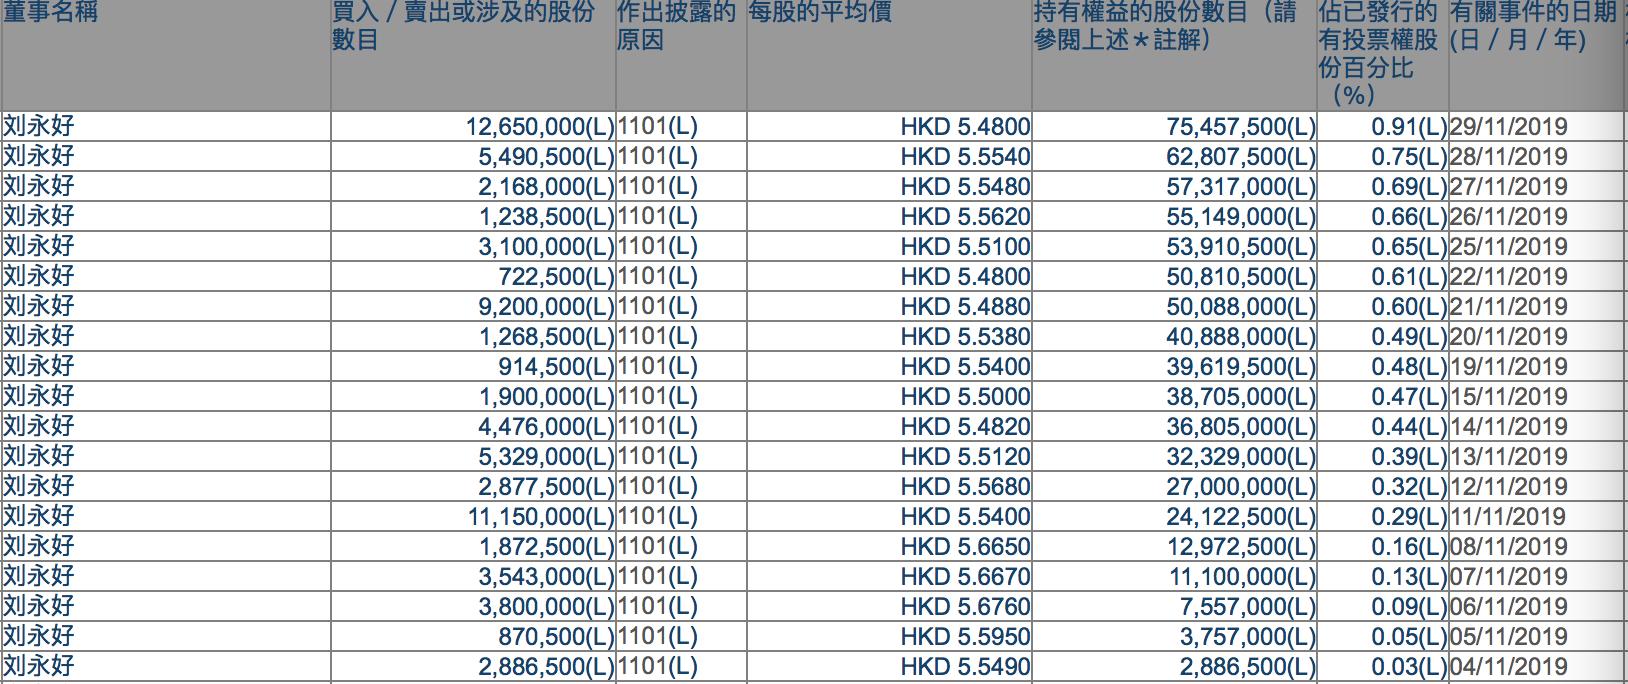 11月副董事长刘永好19次增持民生银行(01988)股票 耗资超4亿